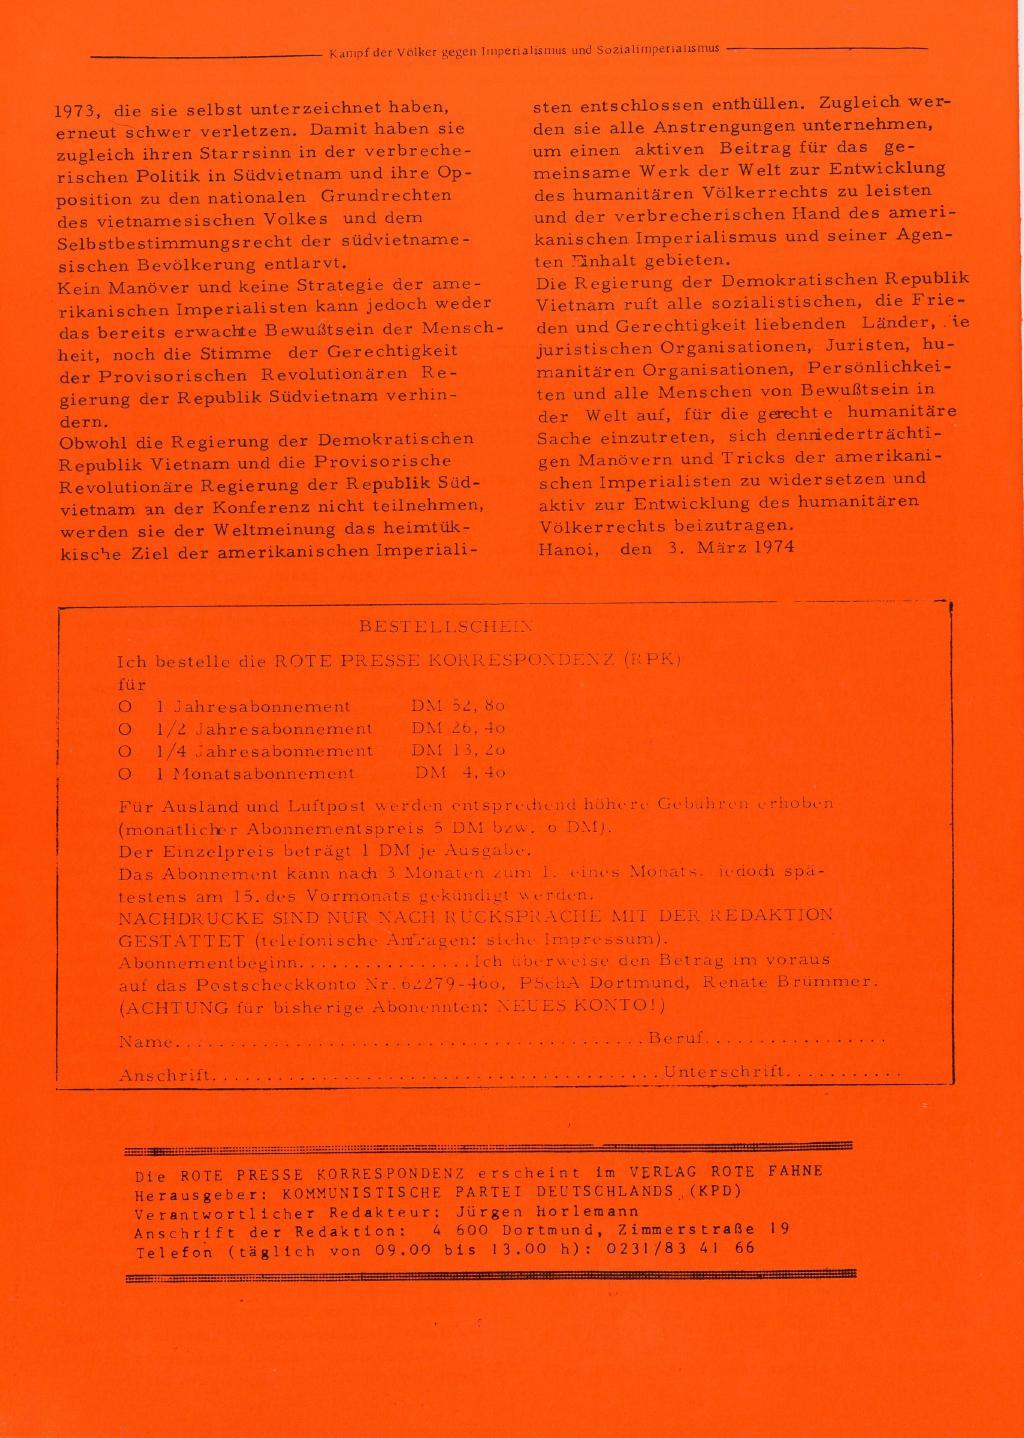 RPK_1974_12_20